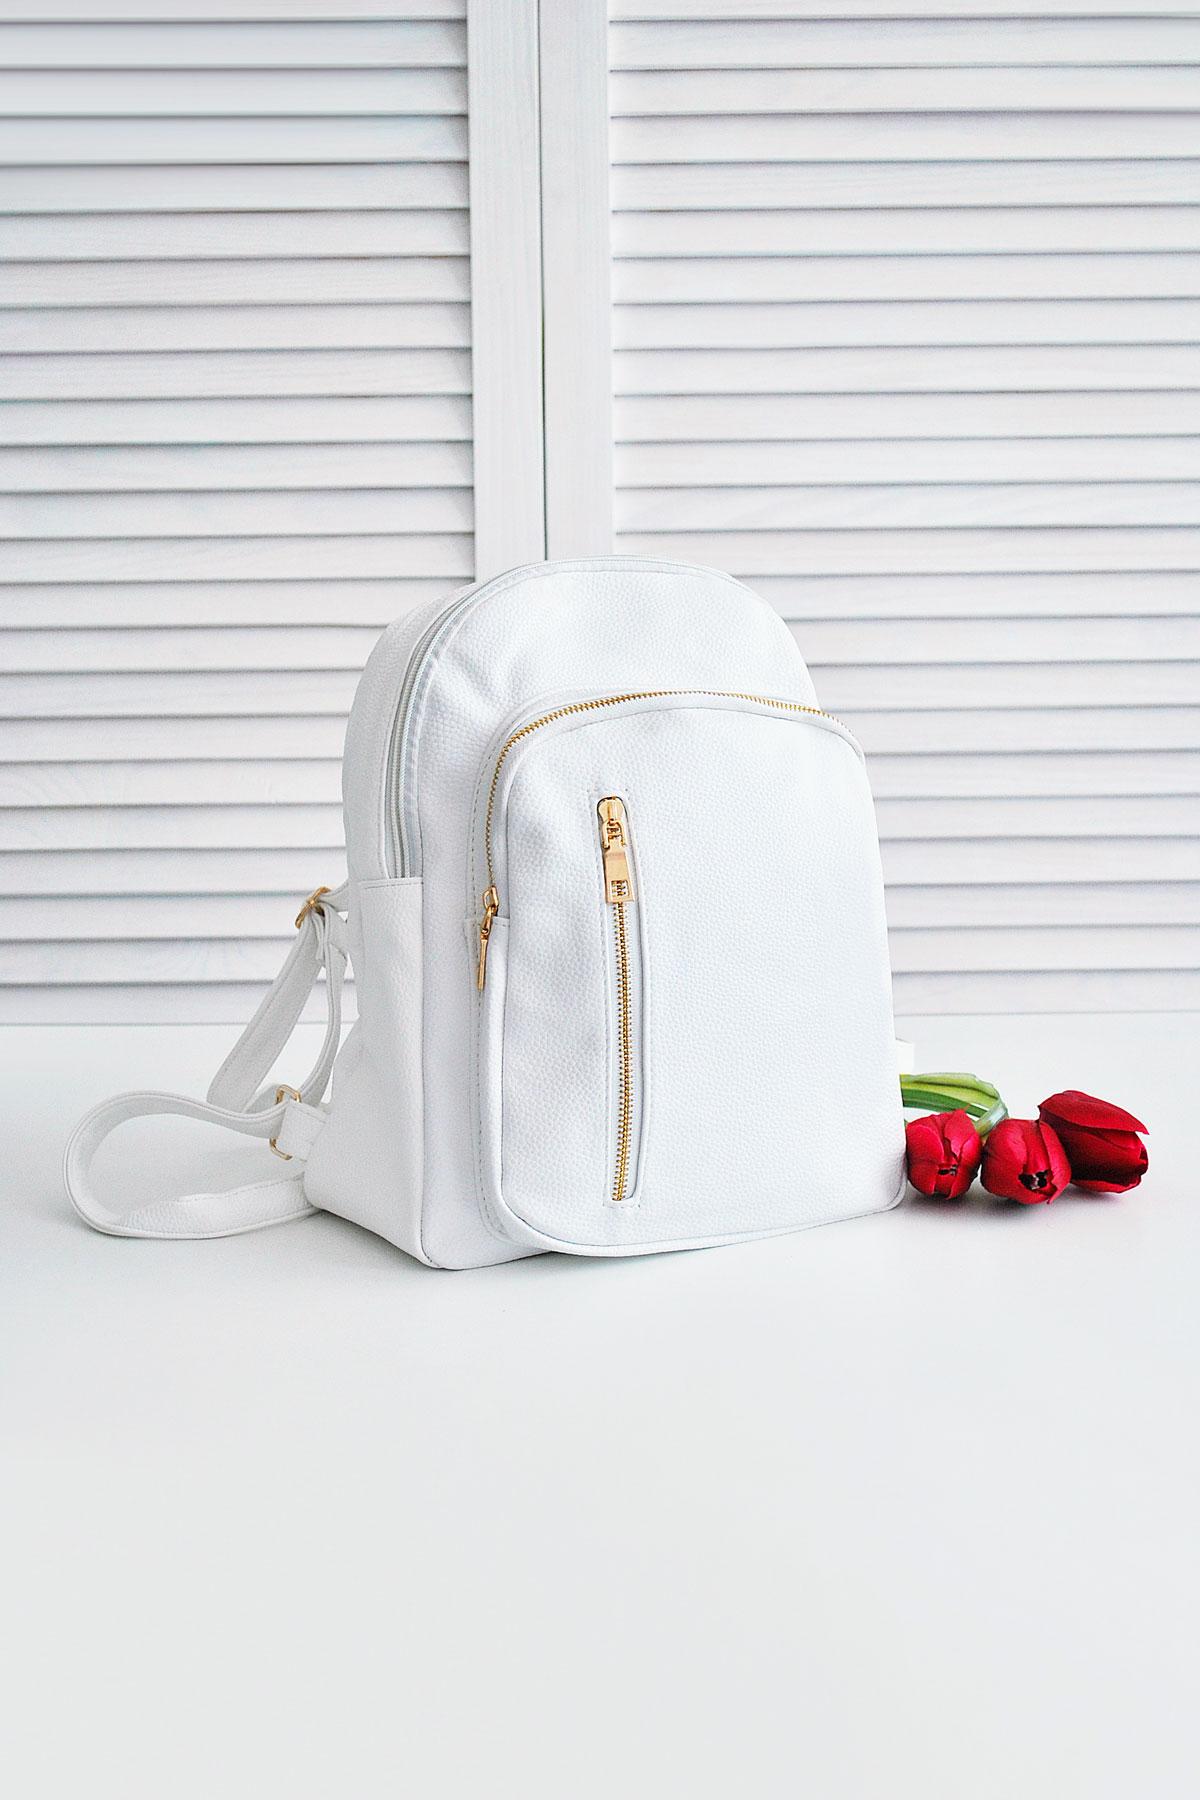 f4b4300e4f3d городской женский рюкзак синего цвета. Рюкзак D122. Цвет: белый